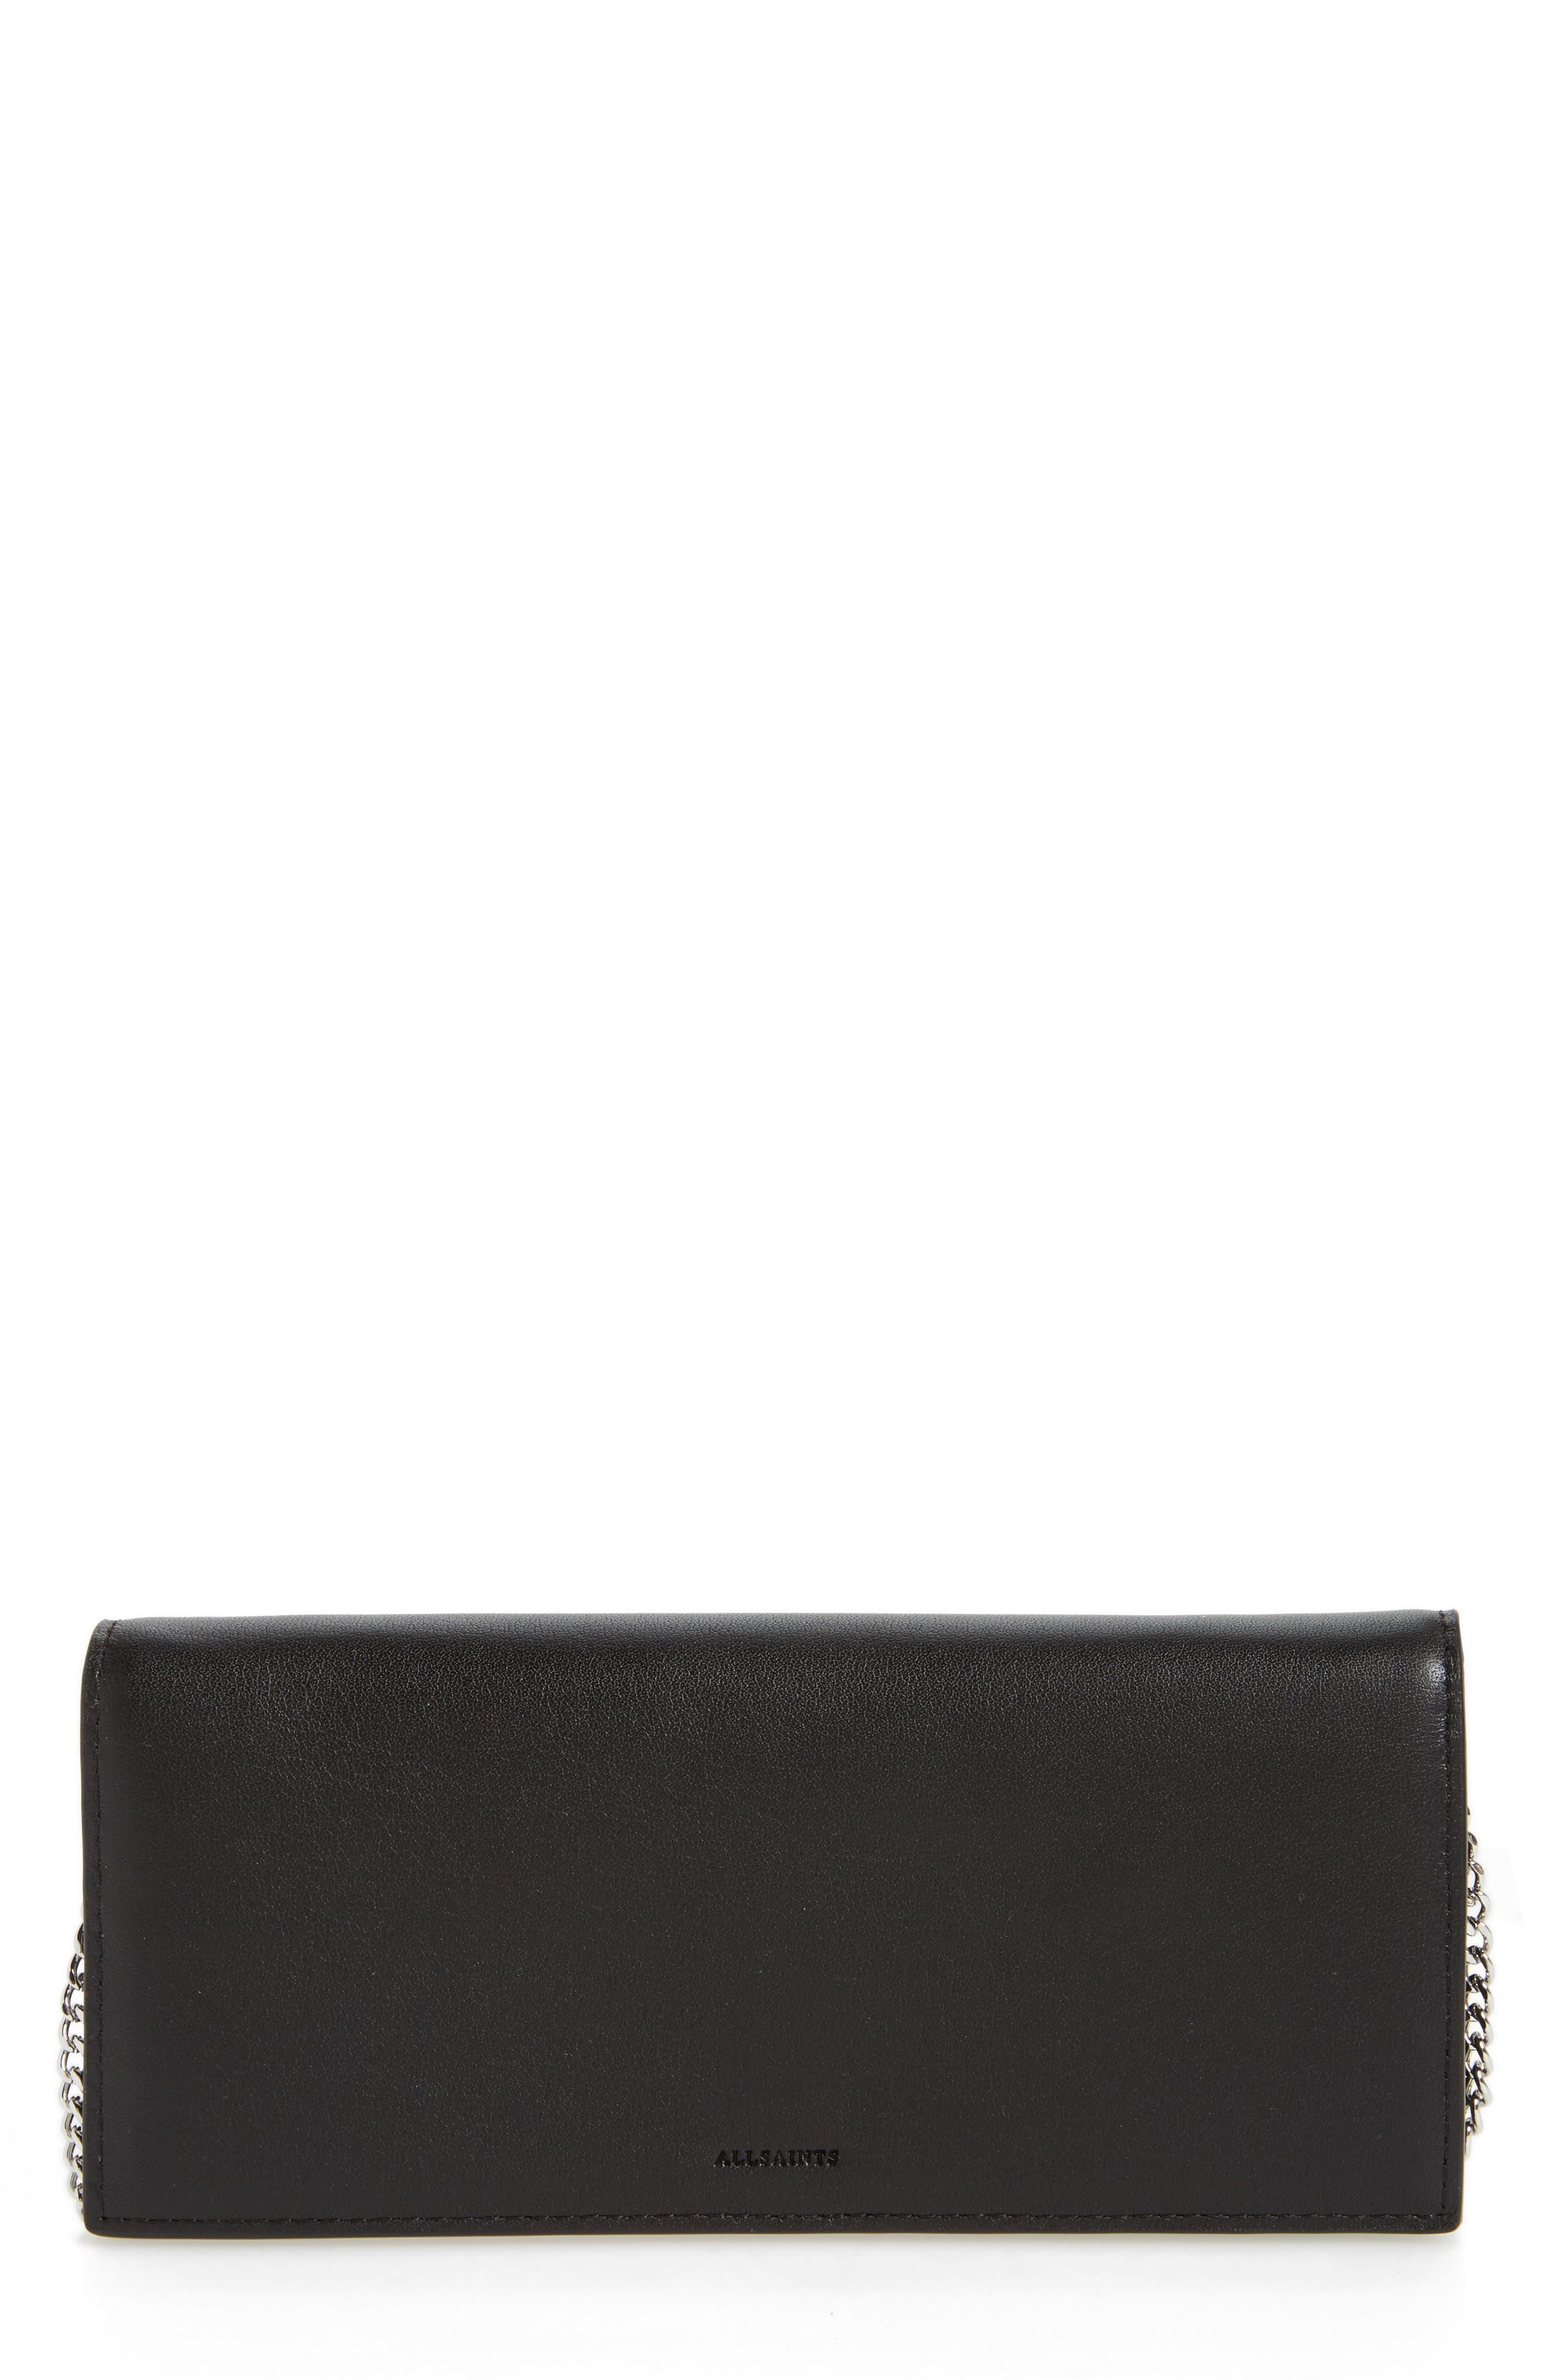 Keel Leather Wallet,                         Main,                         color, Black